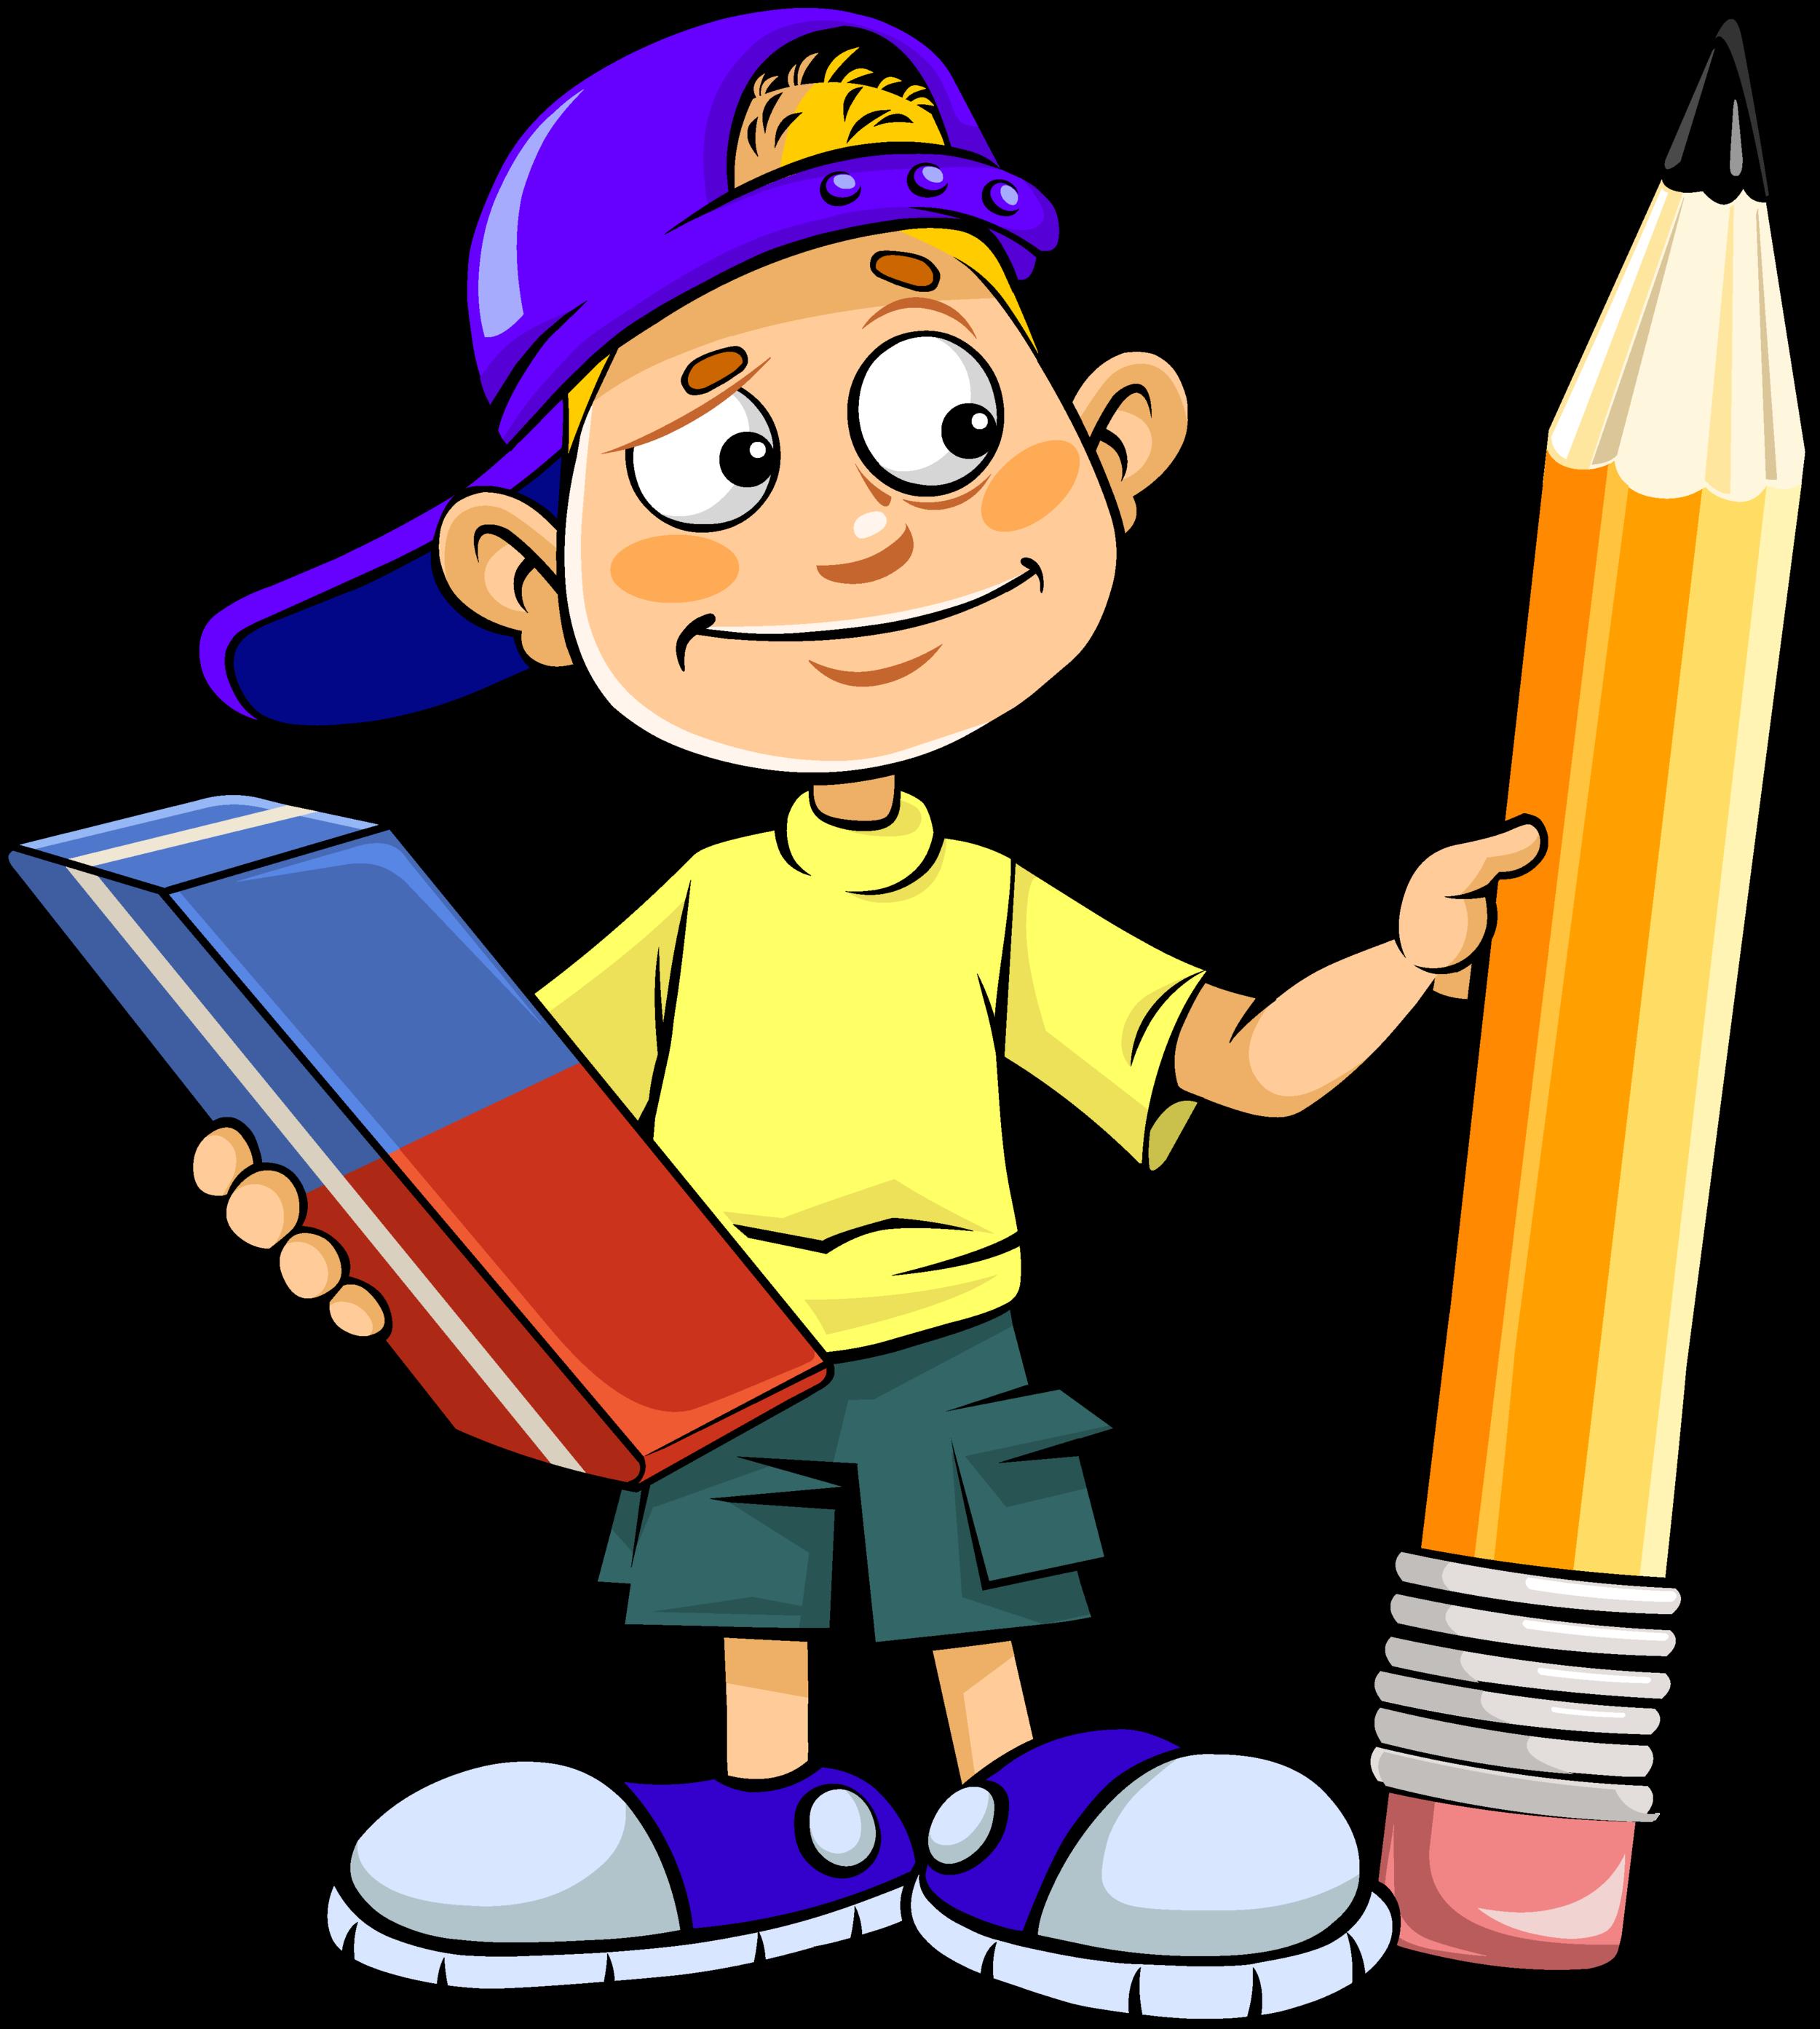 boy_w_pencil_web.png